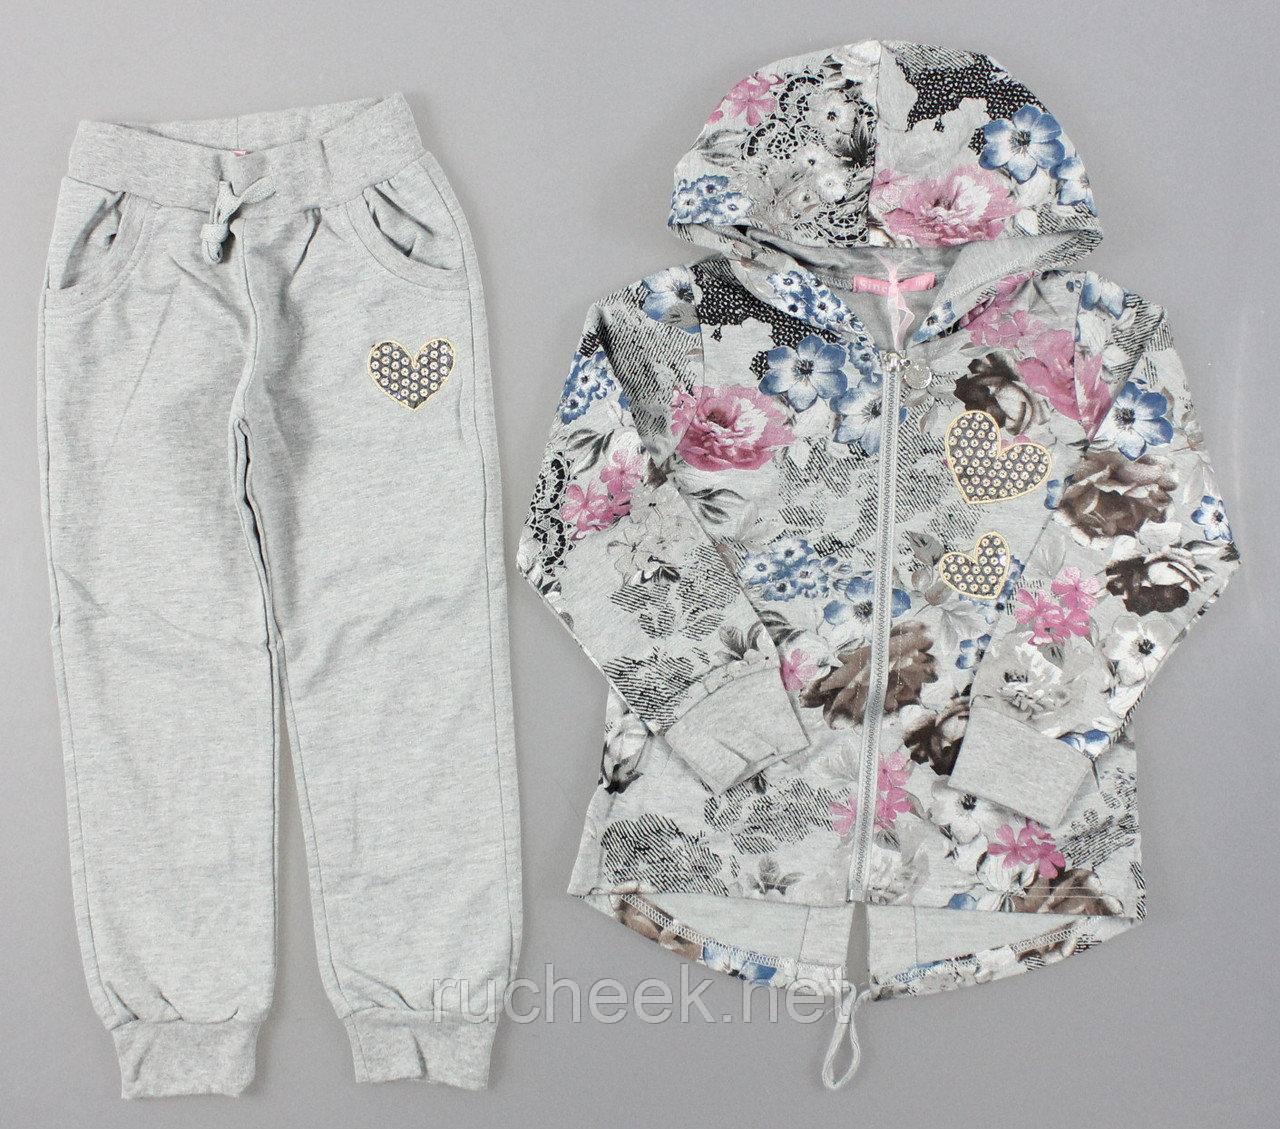 Костюм двойка для девочки  кофта и штаны рост 116, Sincere 1798